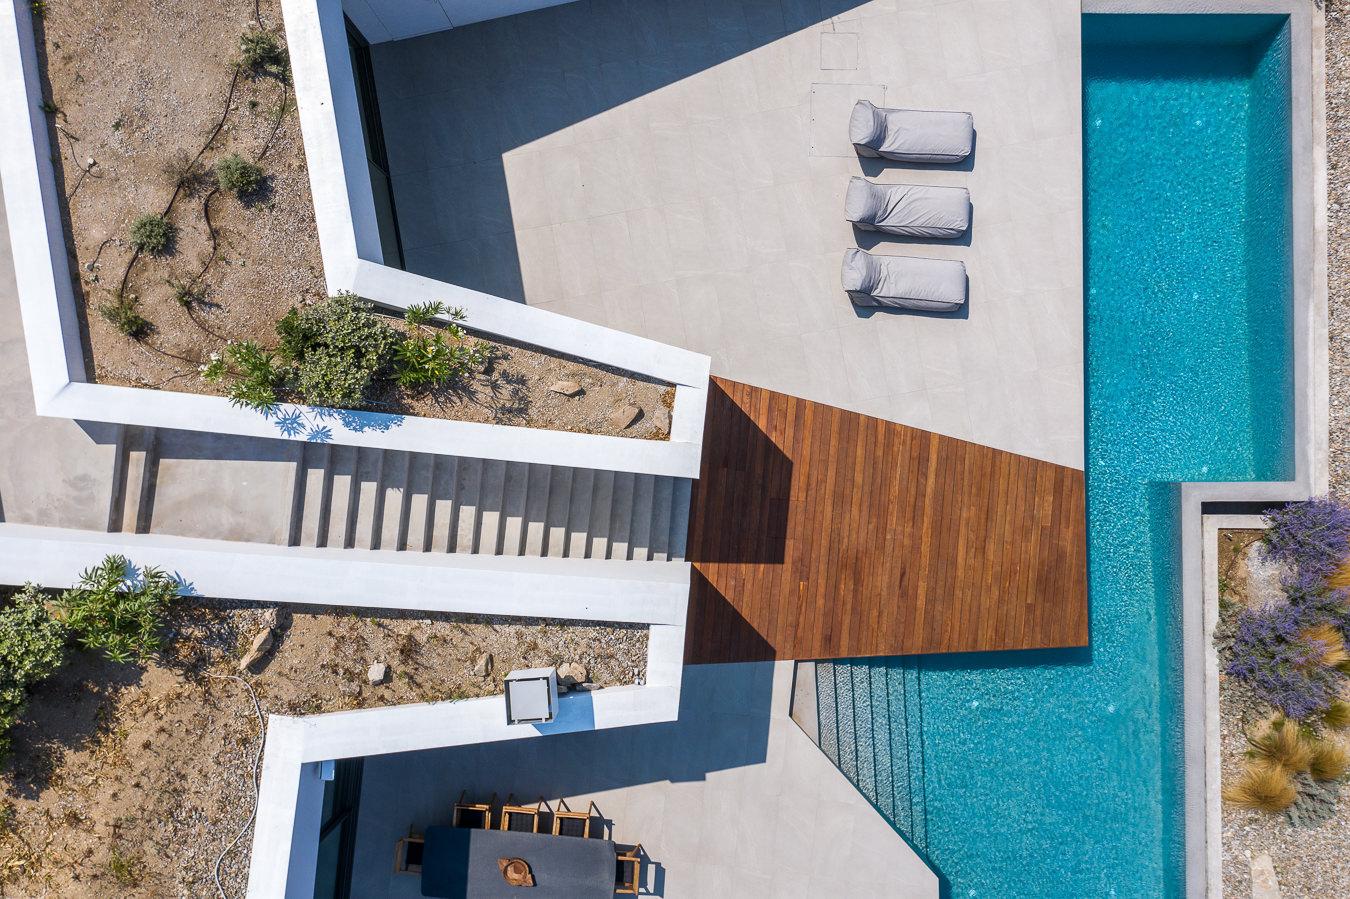 Cove Villa, Mykonos, Γιώργος Φάκαρος - Αρχιτεκτονική Φωτογραφία | Εσωτερικοί Χώροι | Φωτογραφία Ξενοδοχειών - Photography / Φωτογραφία